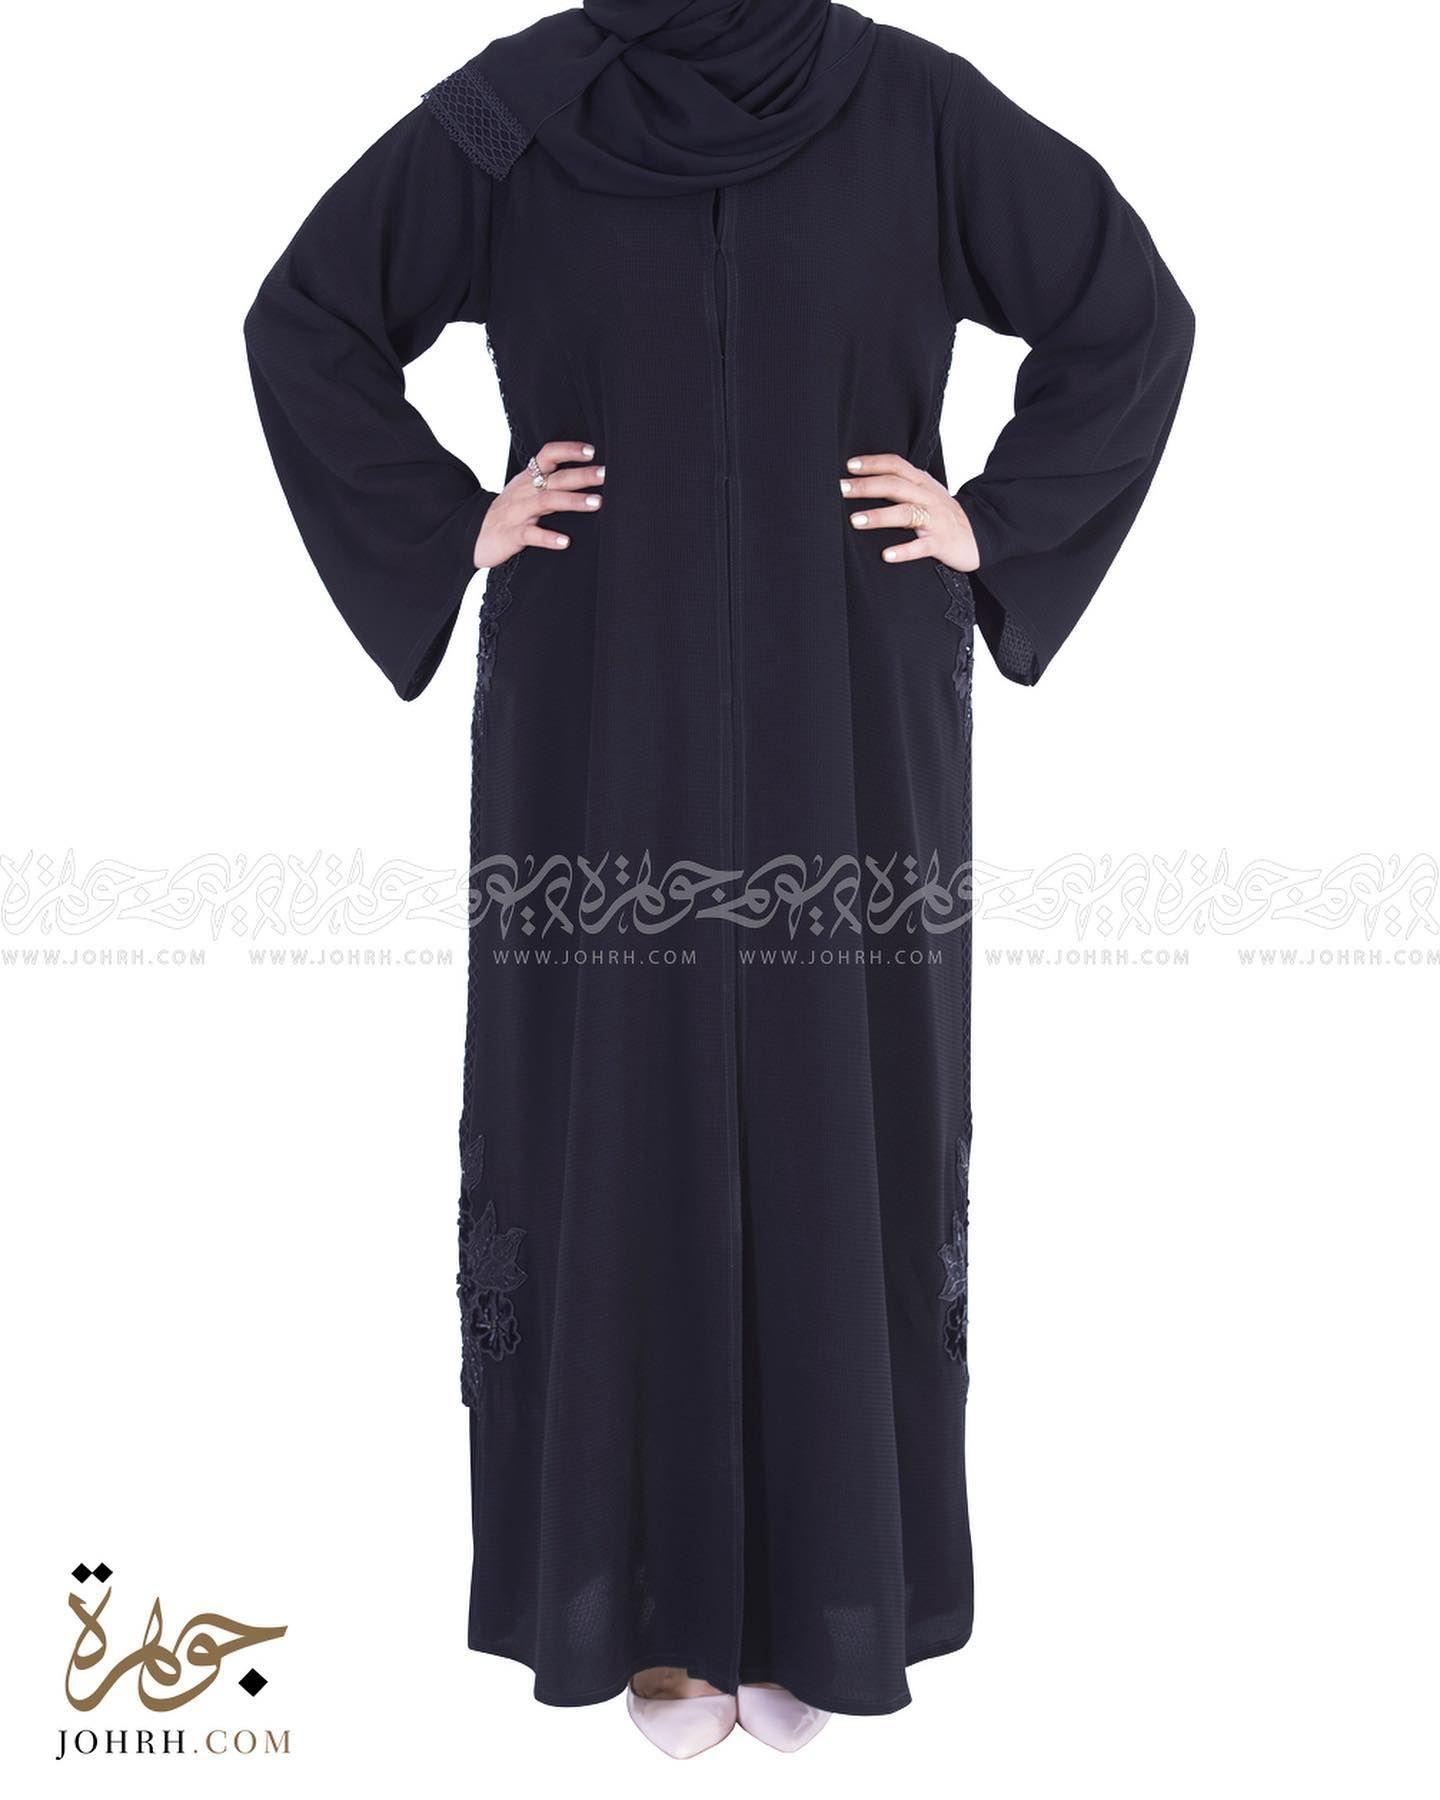 عباية ملكي اندونيسي كلاسيك بتطريز عالجانب رقم الموديل 1539 السعر بعد الخصم 330 متجر جوهرة عباية عبايات ست Cold Shoulder Dress Fashion Shoulder Dress